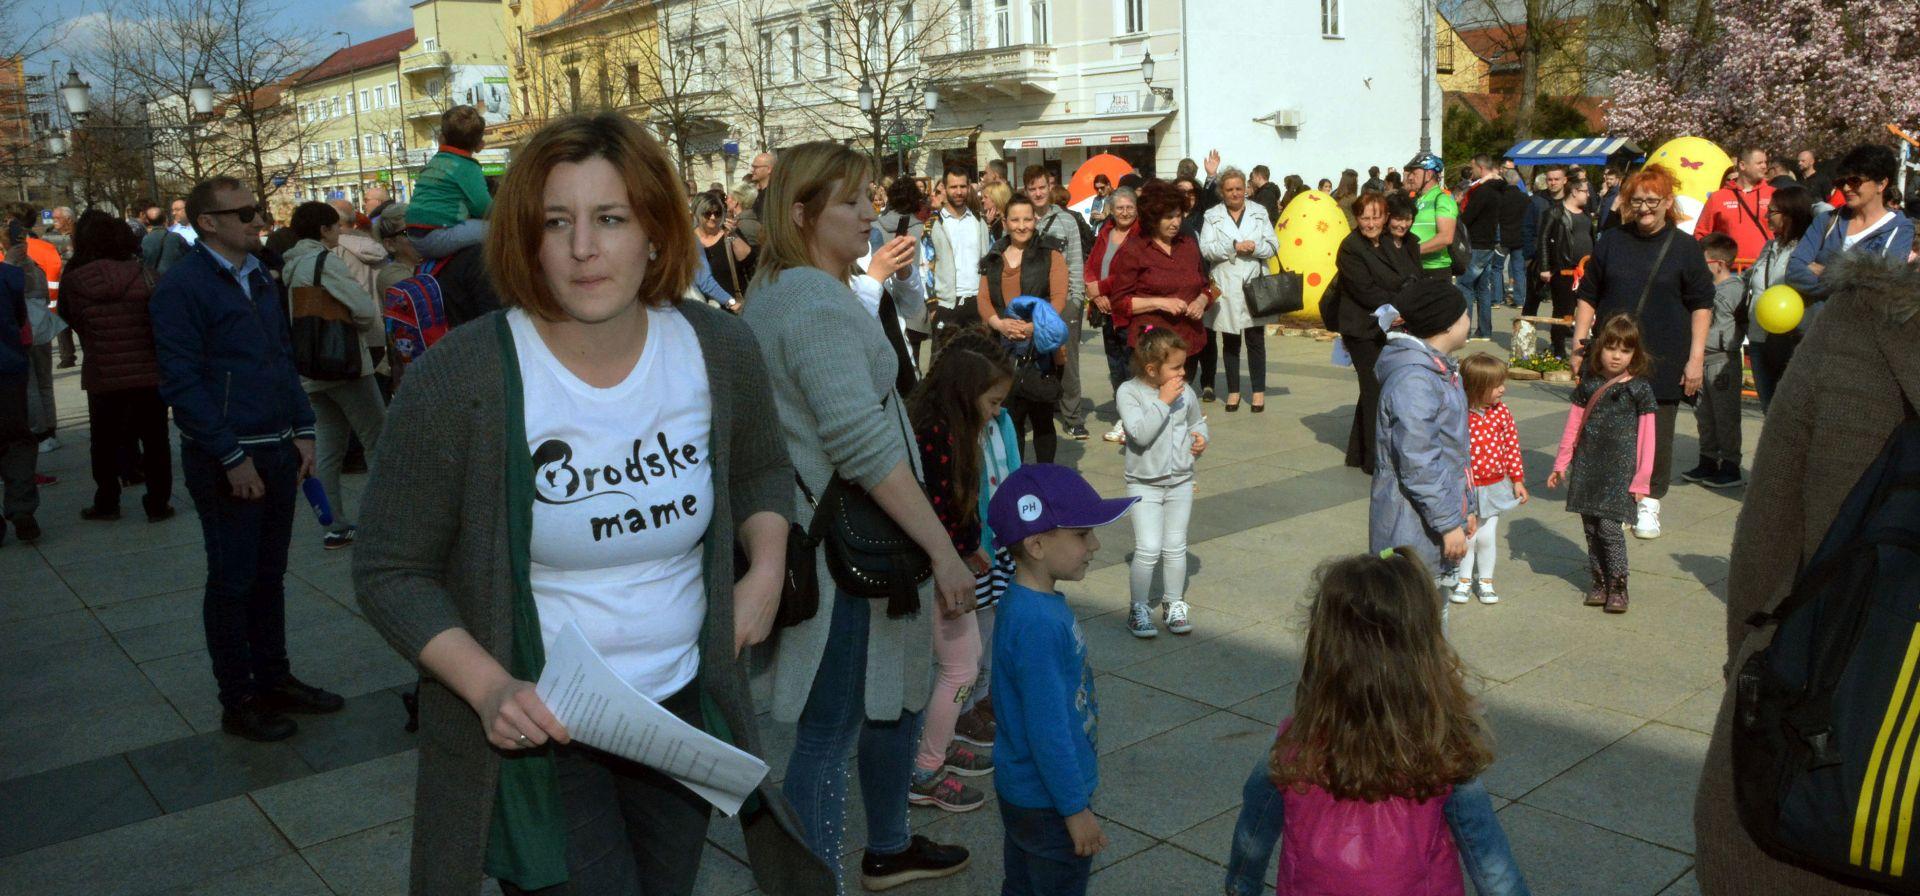 """Prosvjed """"Brodskih mama"""" na Markovu trgu u Zagrebu"""